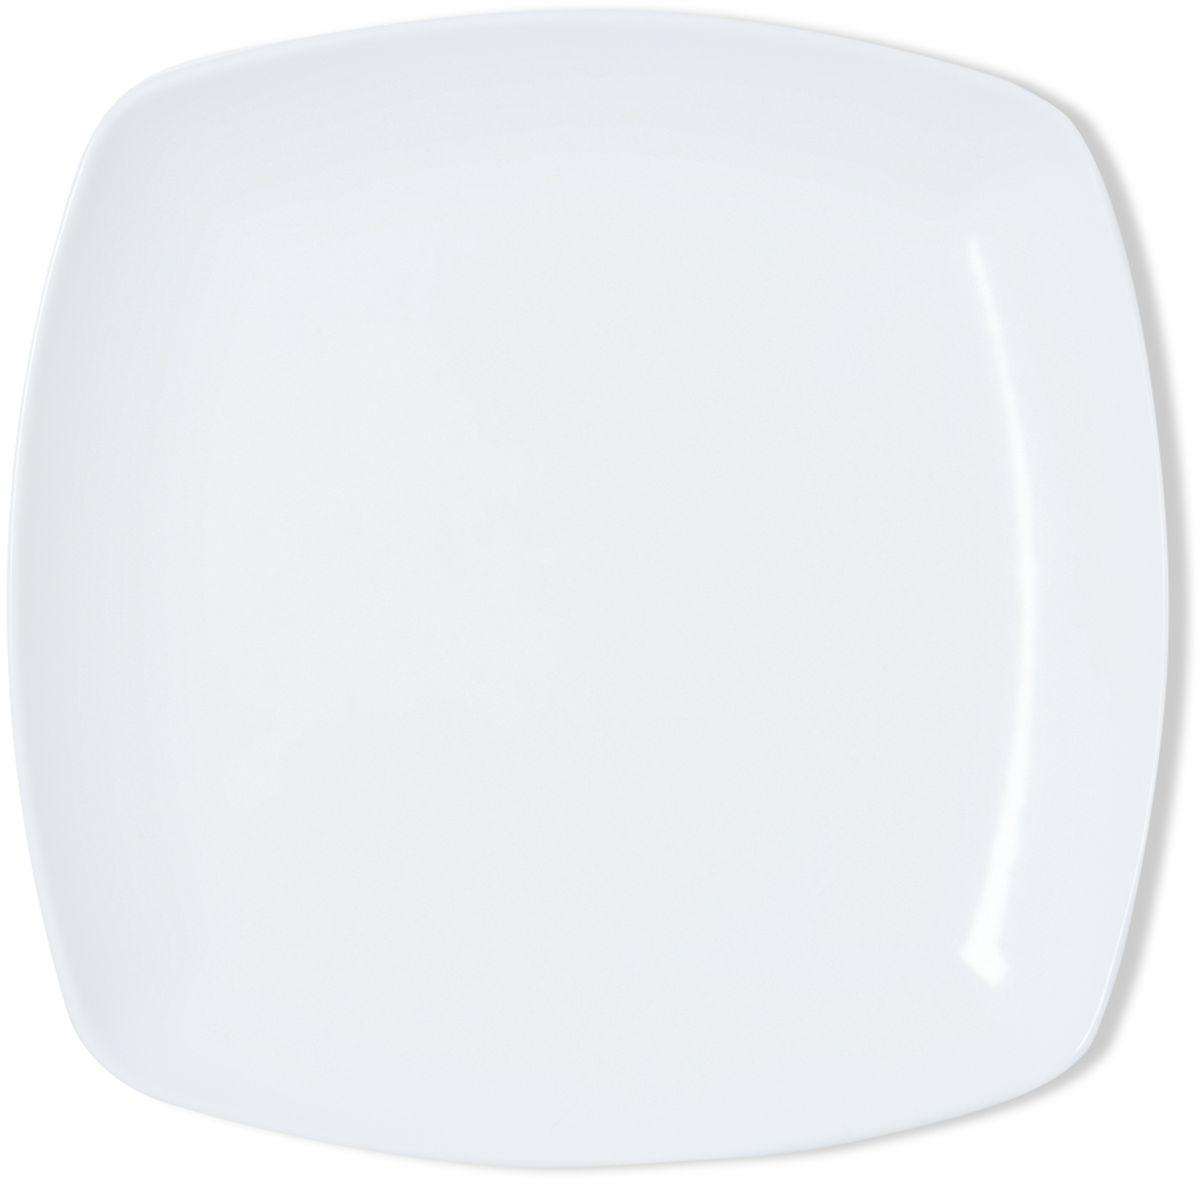 Тарелка мелкая Dosh l Home ADARA, квадратная, 28 см400200Элегантные тарелки для стильной сервировки блюд и закусок. Изготовлены из высококачественного силикона белоснежного цвета. Силикон не впитывает запах и вкус продуктов, устойчив к царапинам. Подходит для микроволновой печи, холодильника. Можно мыть в посудомоечной машине. Мыть обычными моющими средствами, не использовать агрессивные вещества, металлические мочалки, острые предметы и т.д..